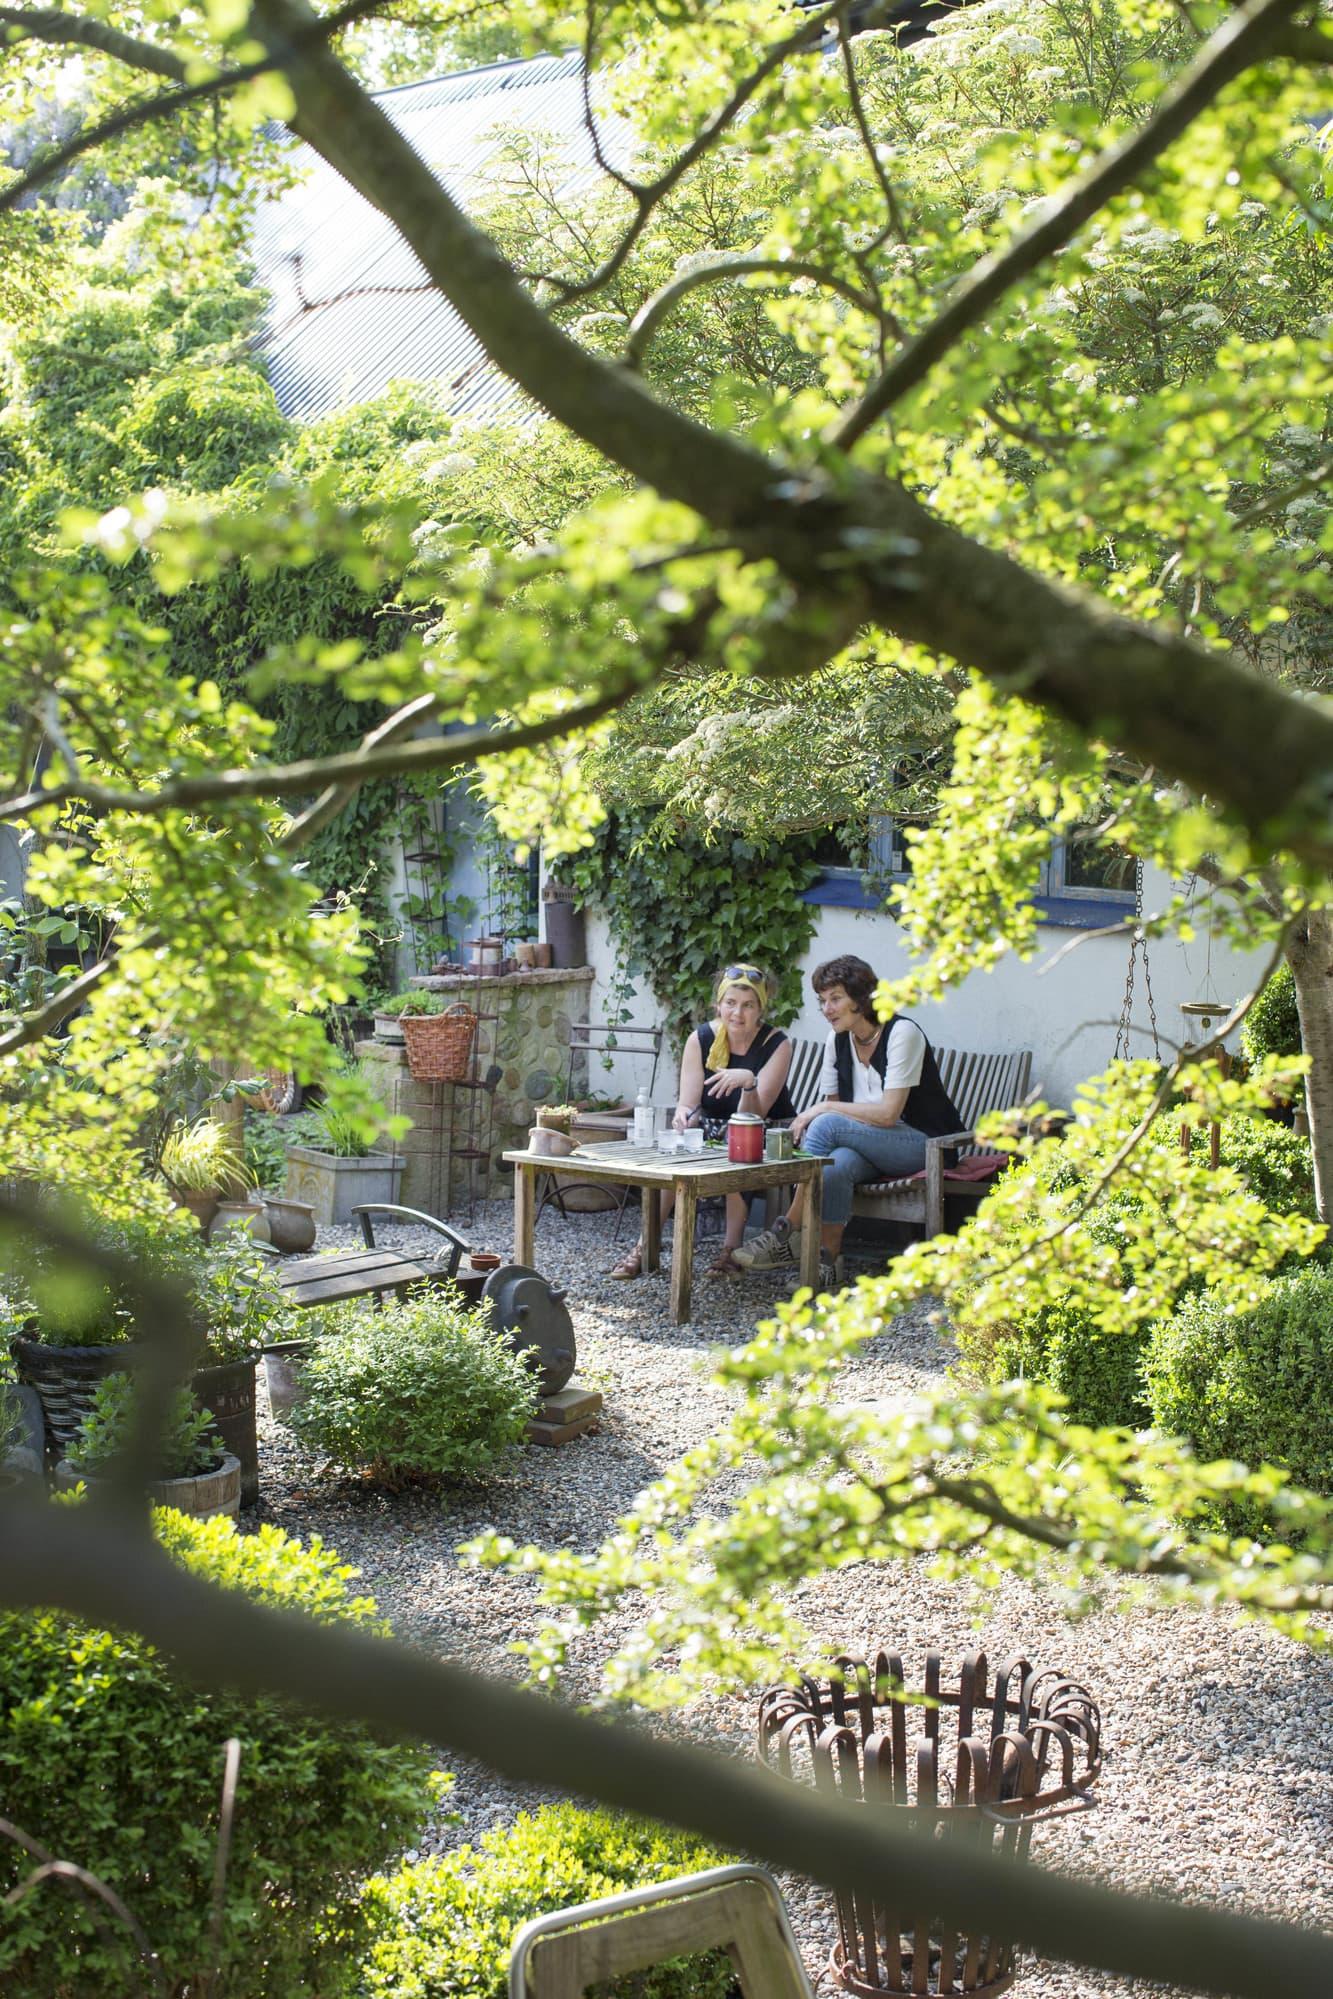 Heidis trädgård är egentligen en grusad gårdsplan, men en grönskande sådan! Här sitter man omgiven av klätterväxter, träd och buskar som effektivt klär in både väggar och tak.